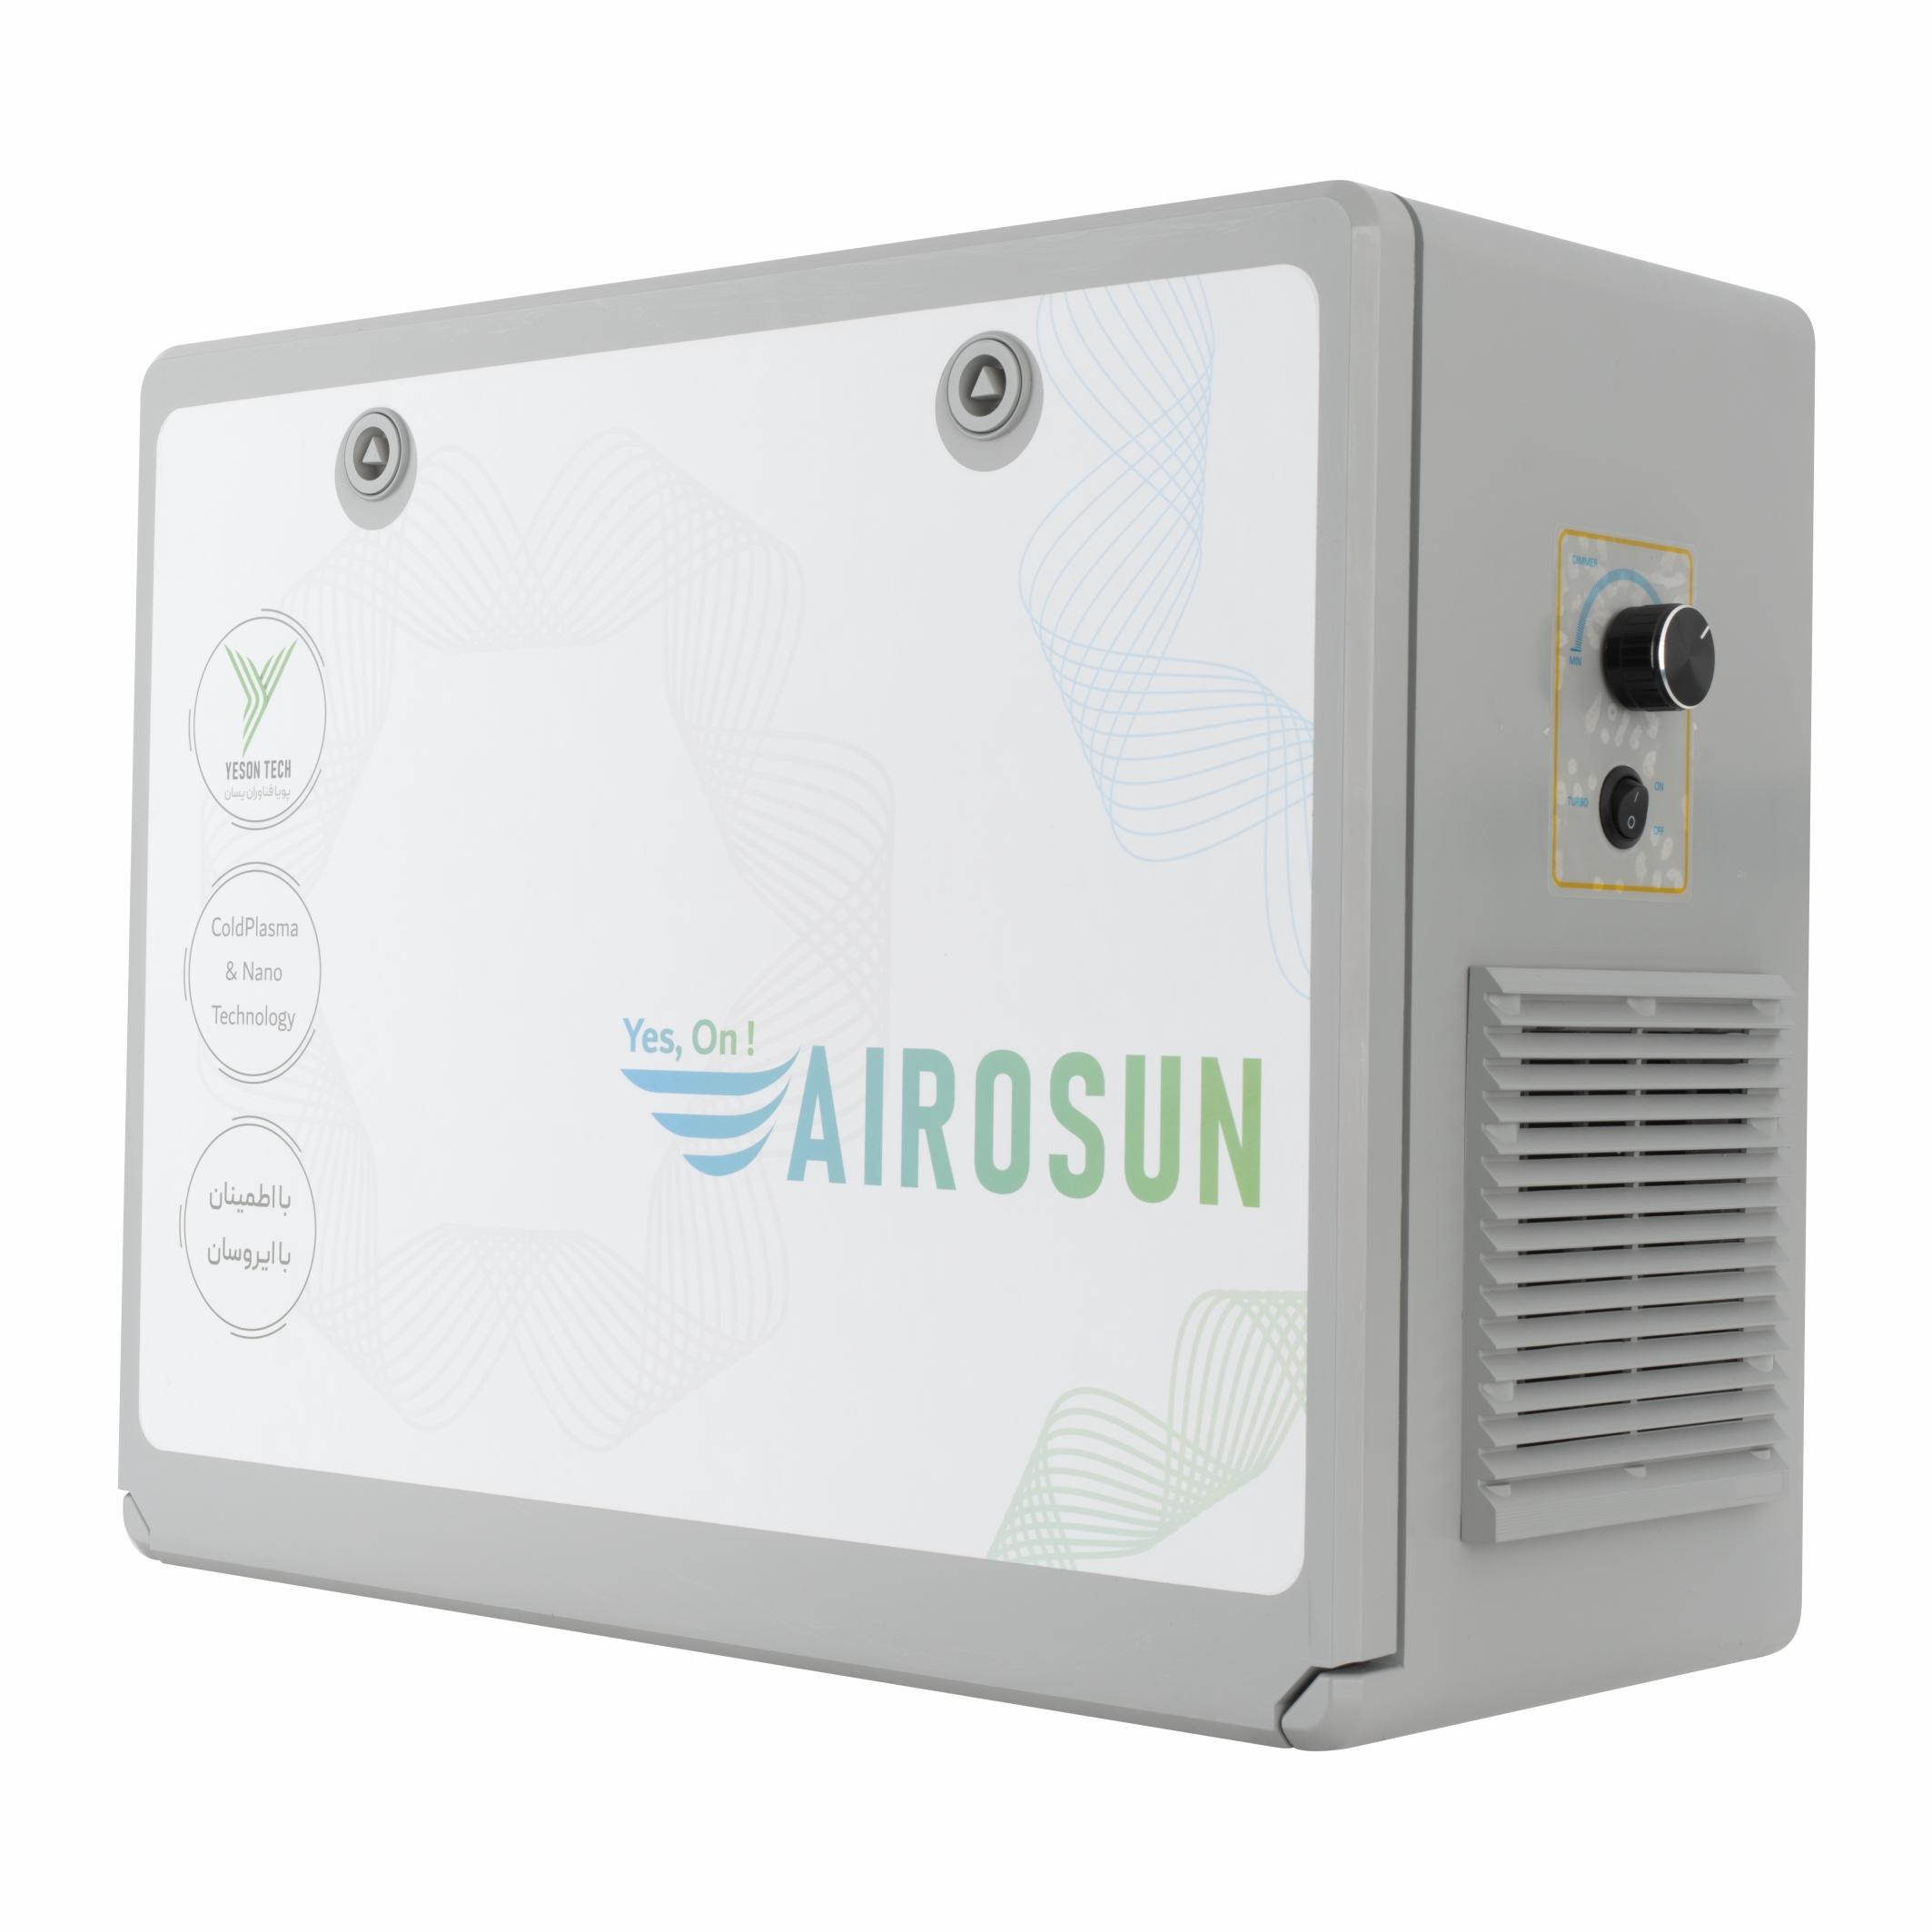 دستگاه ضدعفونی و تصفیه کننده هوا ایروسان مدل Y110